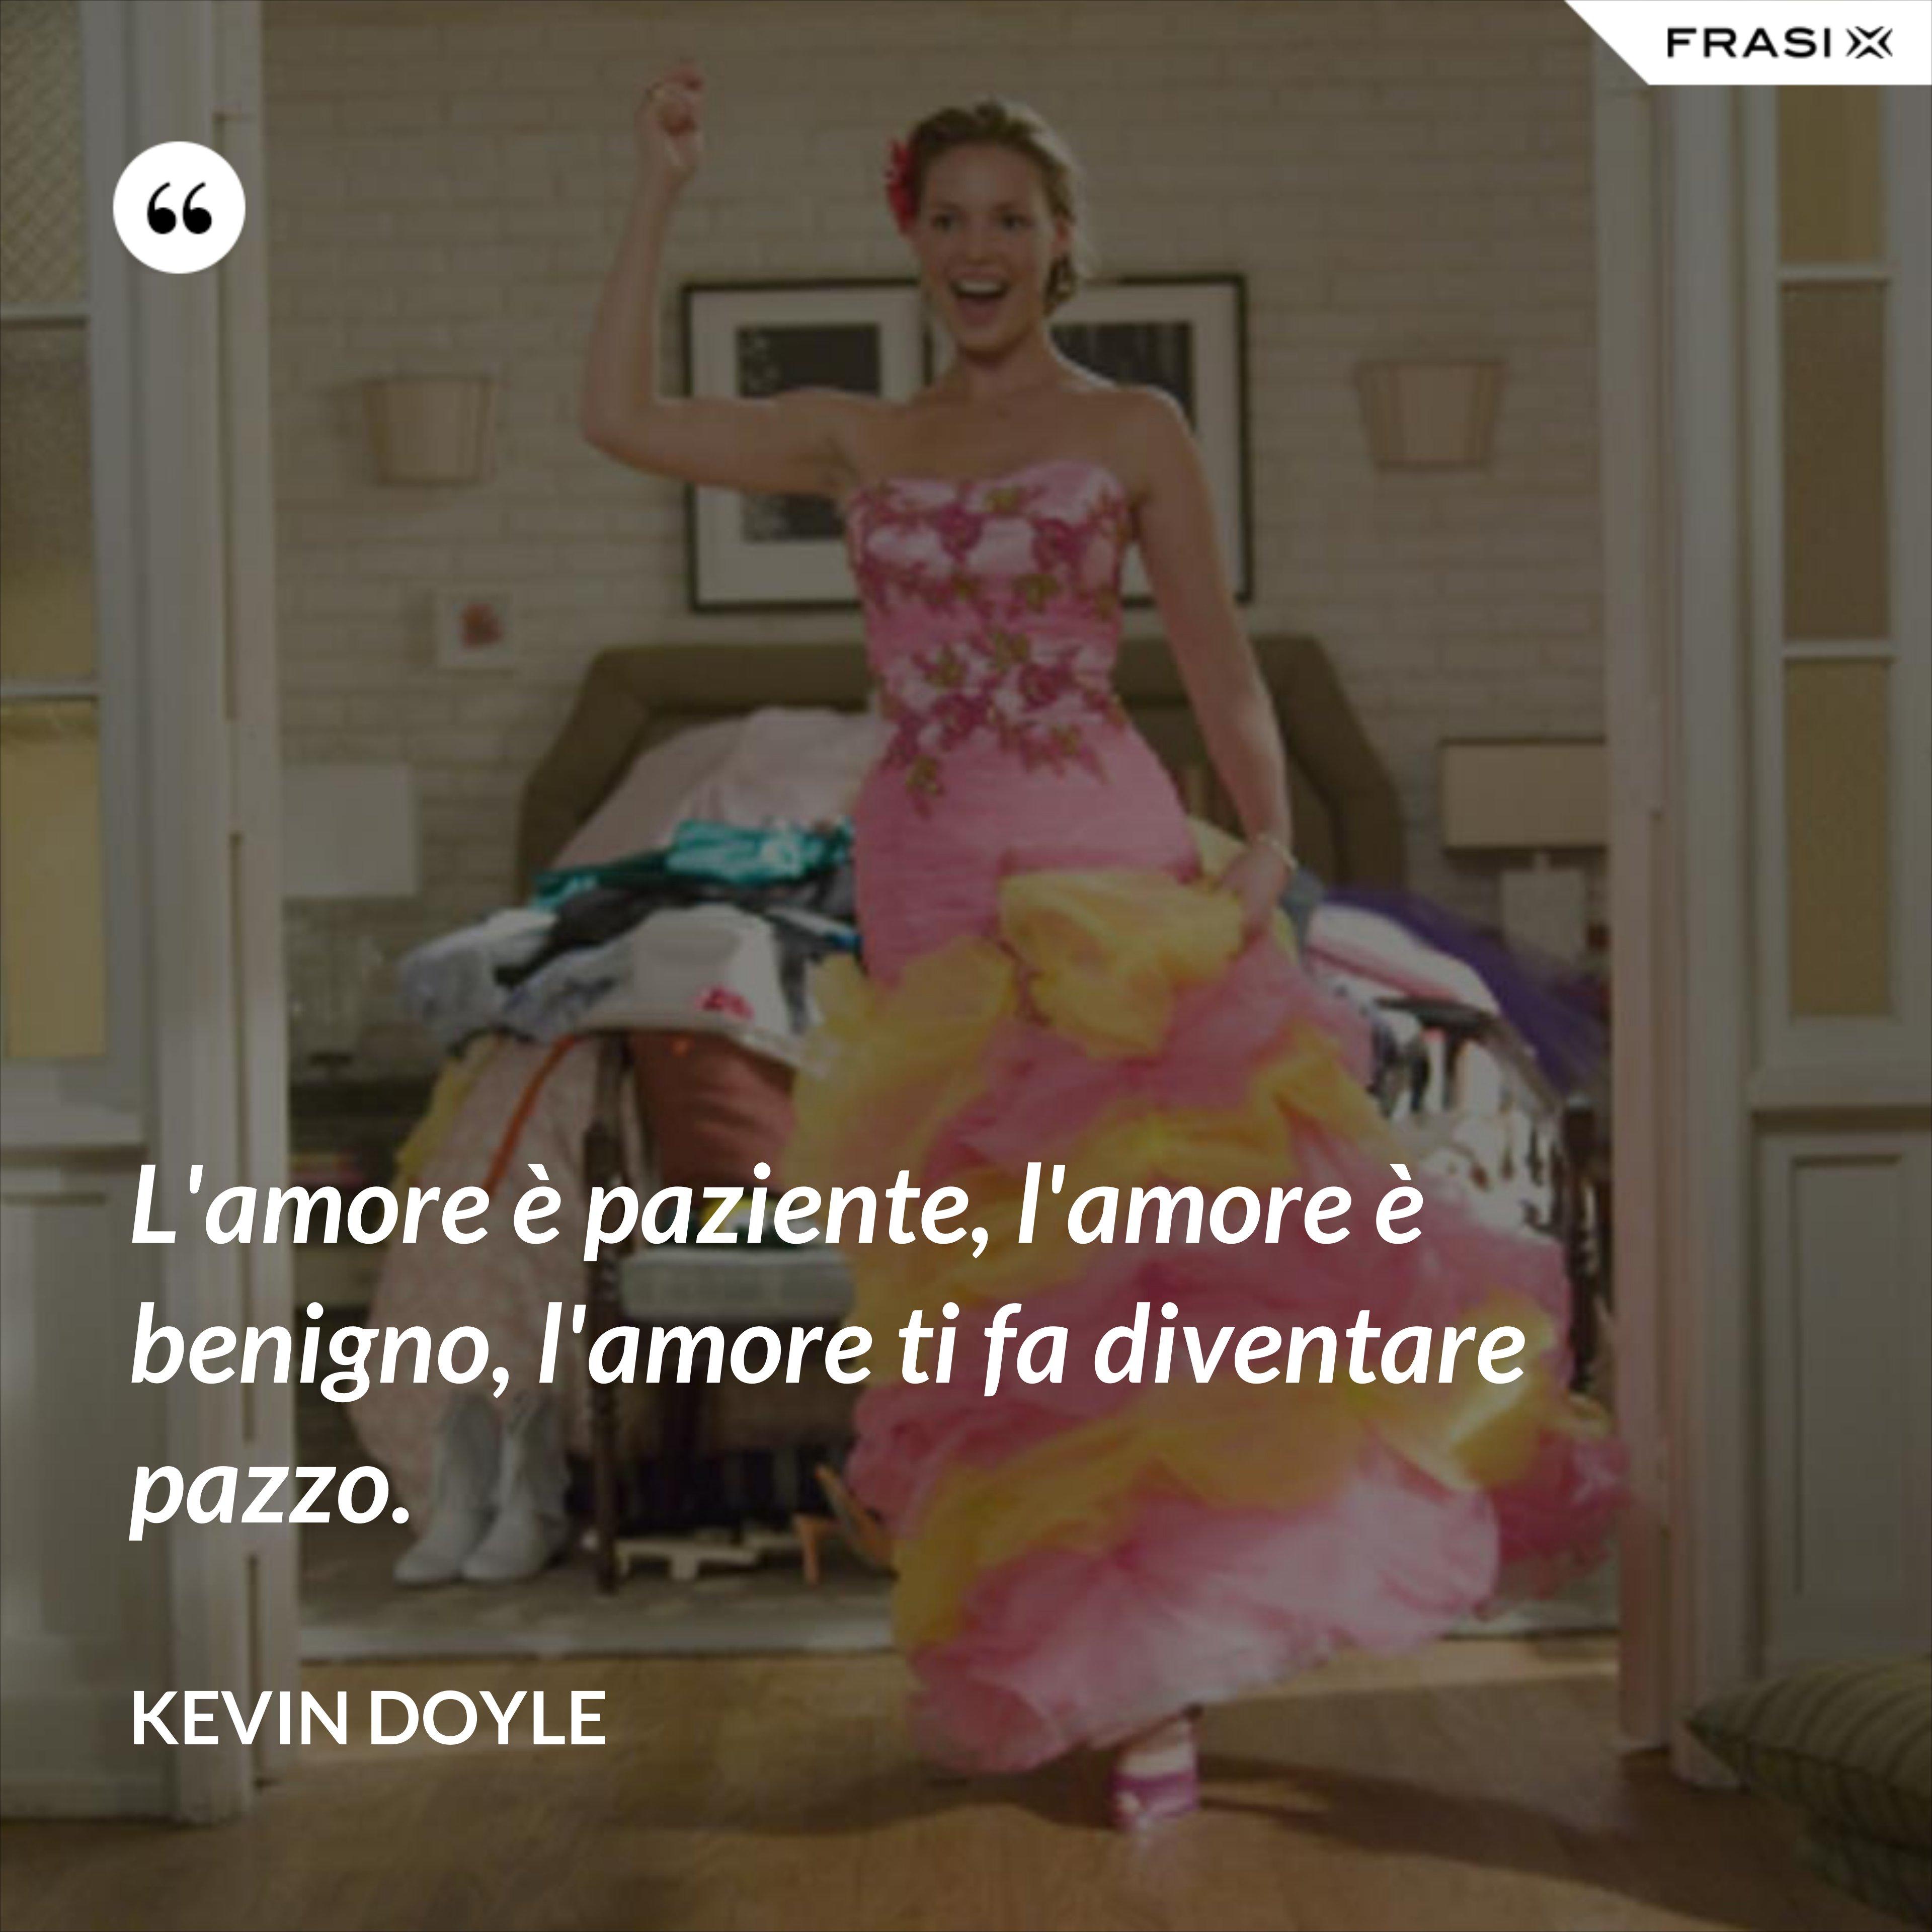 L'amore è paziente, l'amore è benigno, l'amore ti fa diventare pazzo. - Kevin Doyle